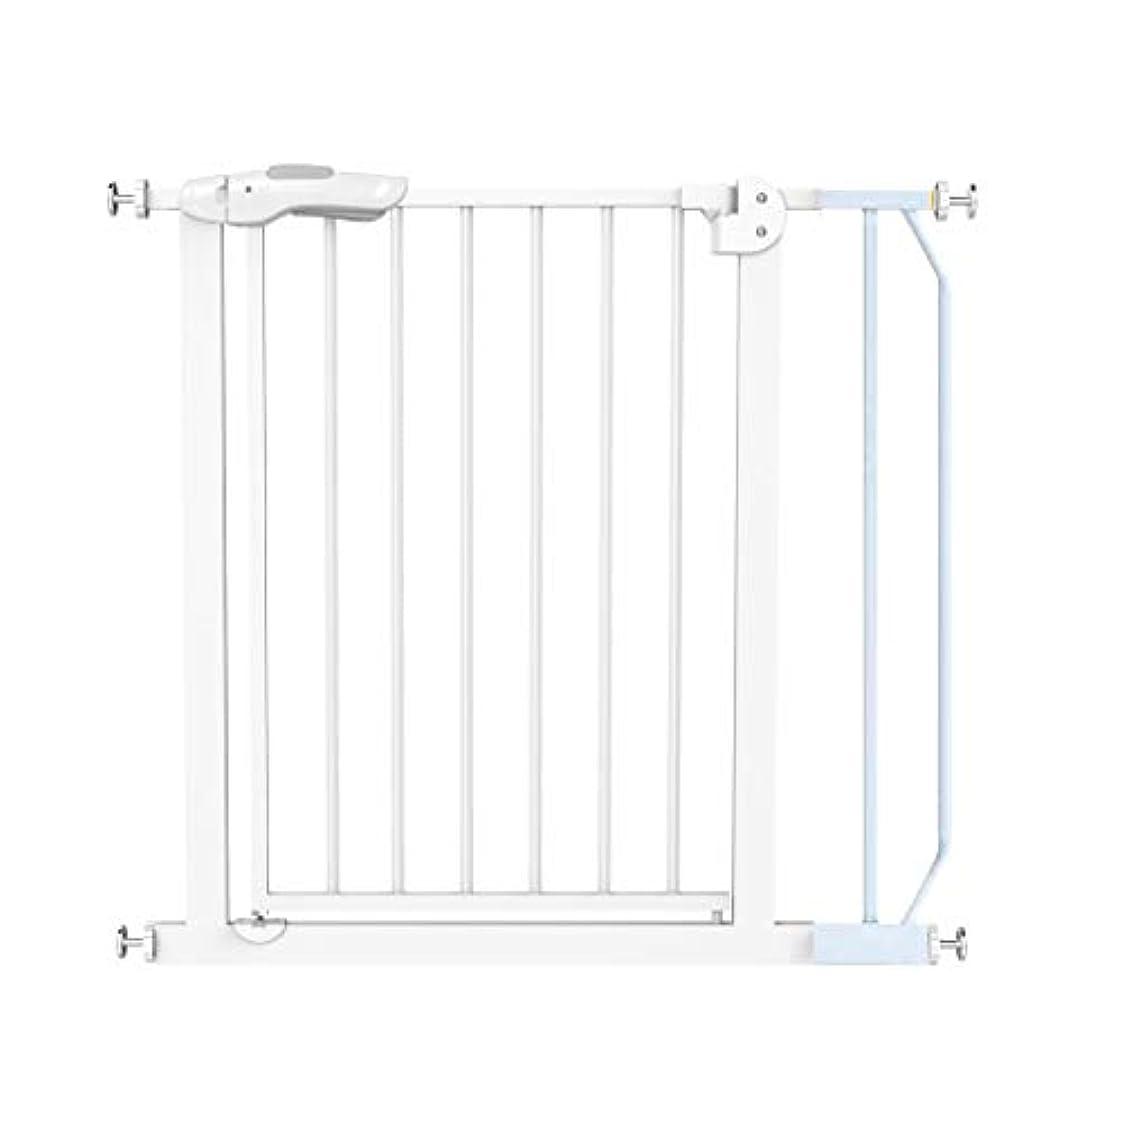 重くするジャーナル今日QIQIDEDAIN 安全ゲート階段フェンス子供安全ゲートフェンスフェンス子供安全フェンス犬ドア柵安全防護階段 (Size : 85-94cm)